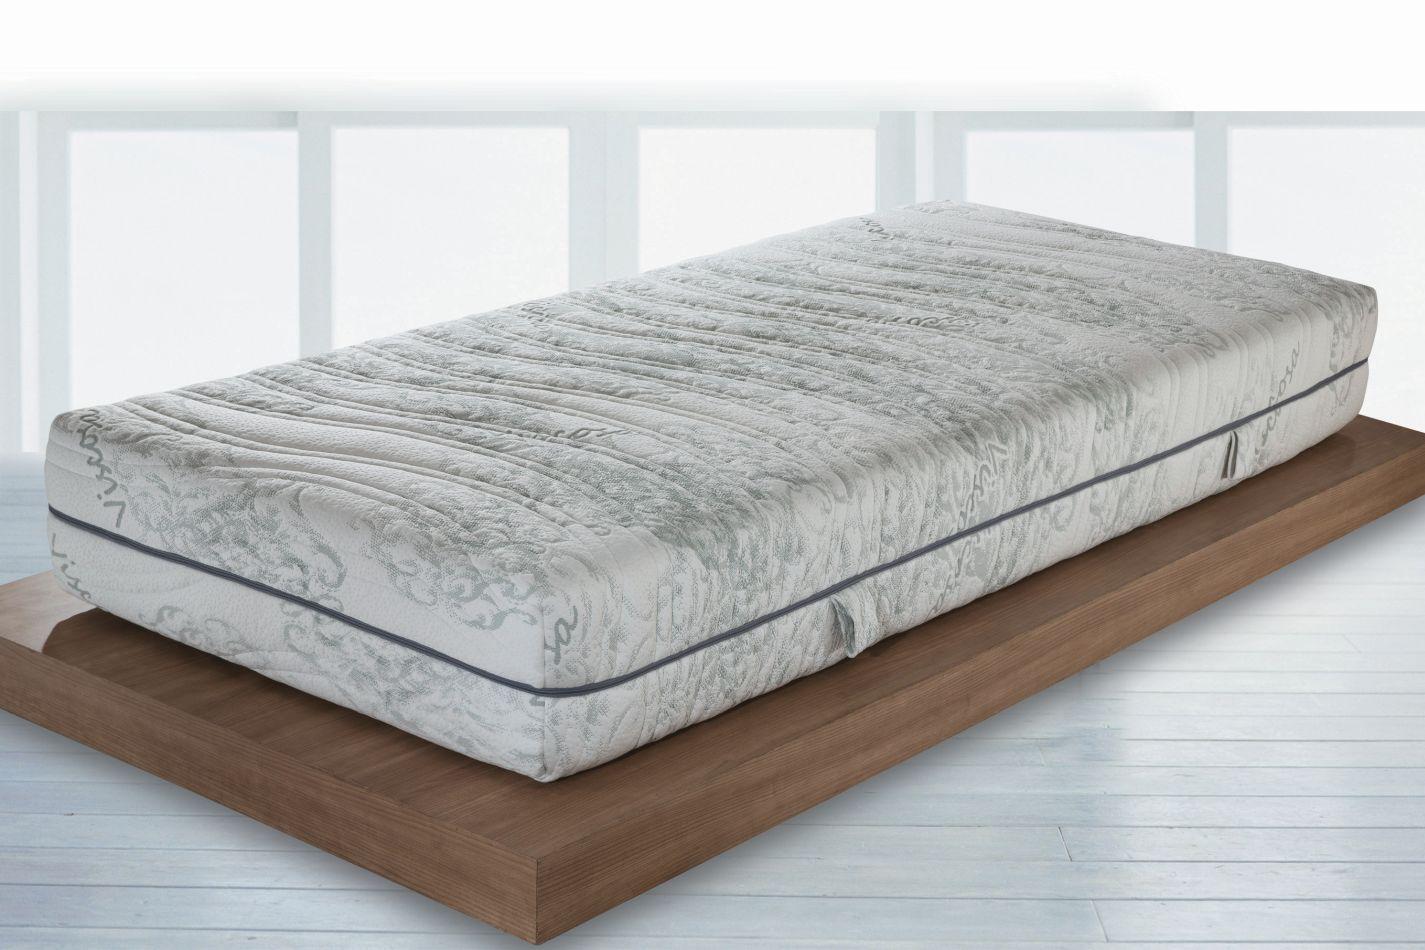 Matratze Balance Plus mit Taschen Federkern  - Abmessungen: 140 x 190 cm